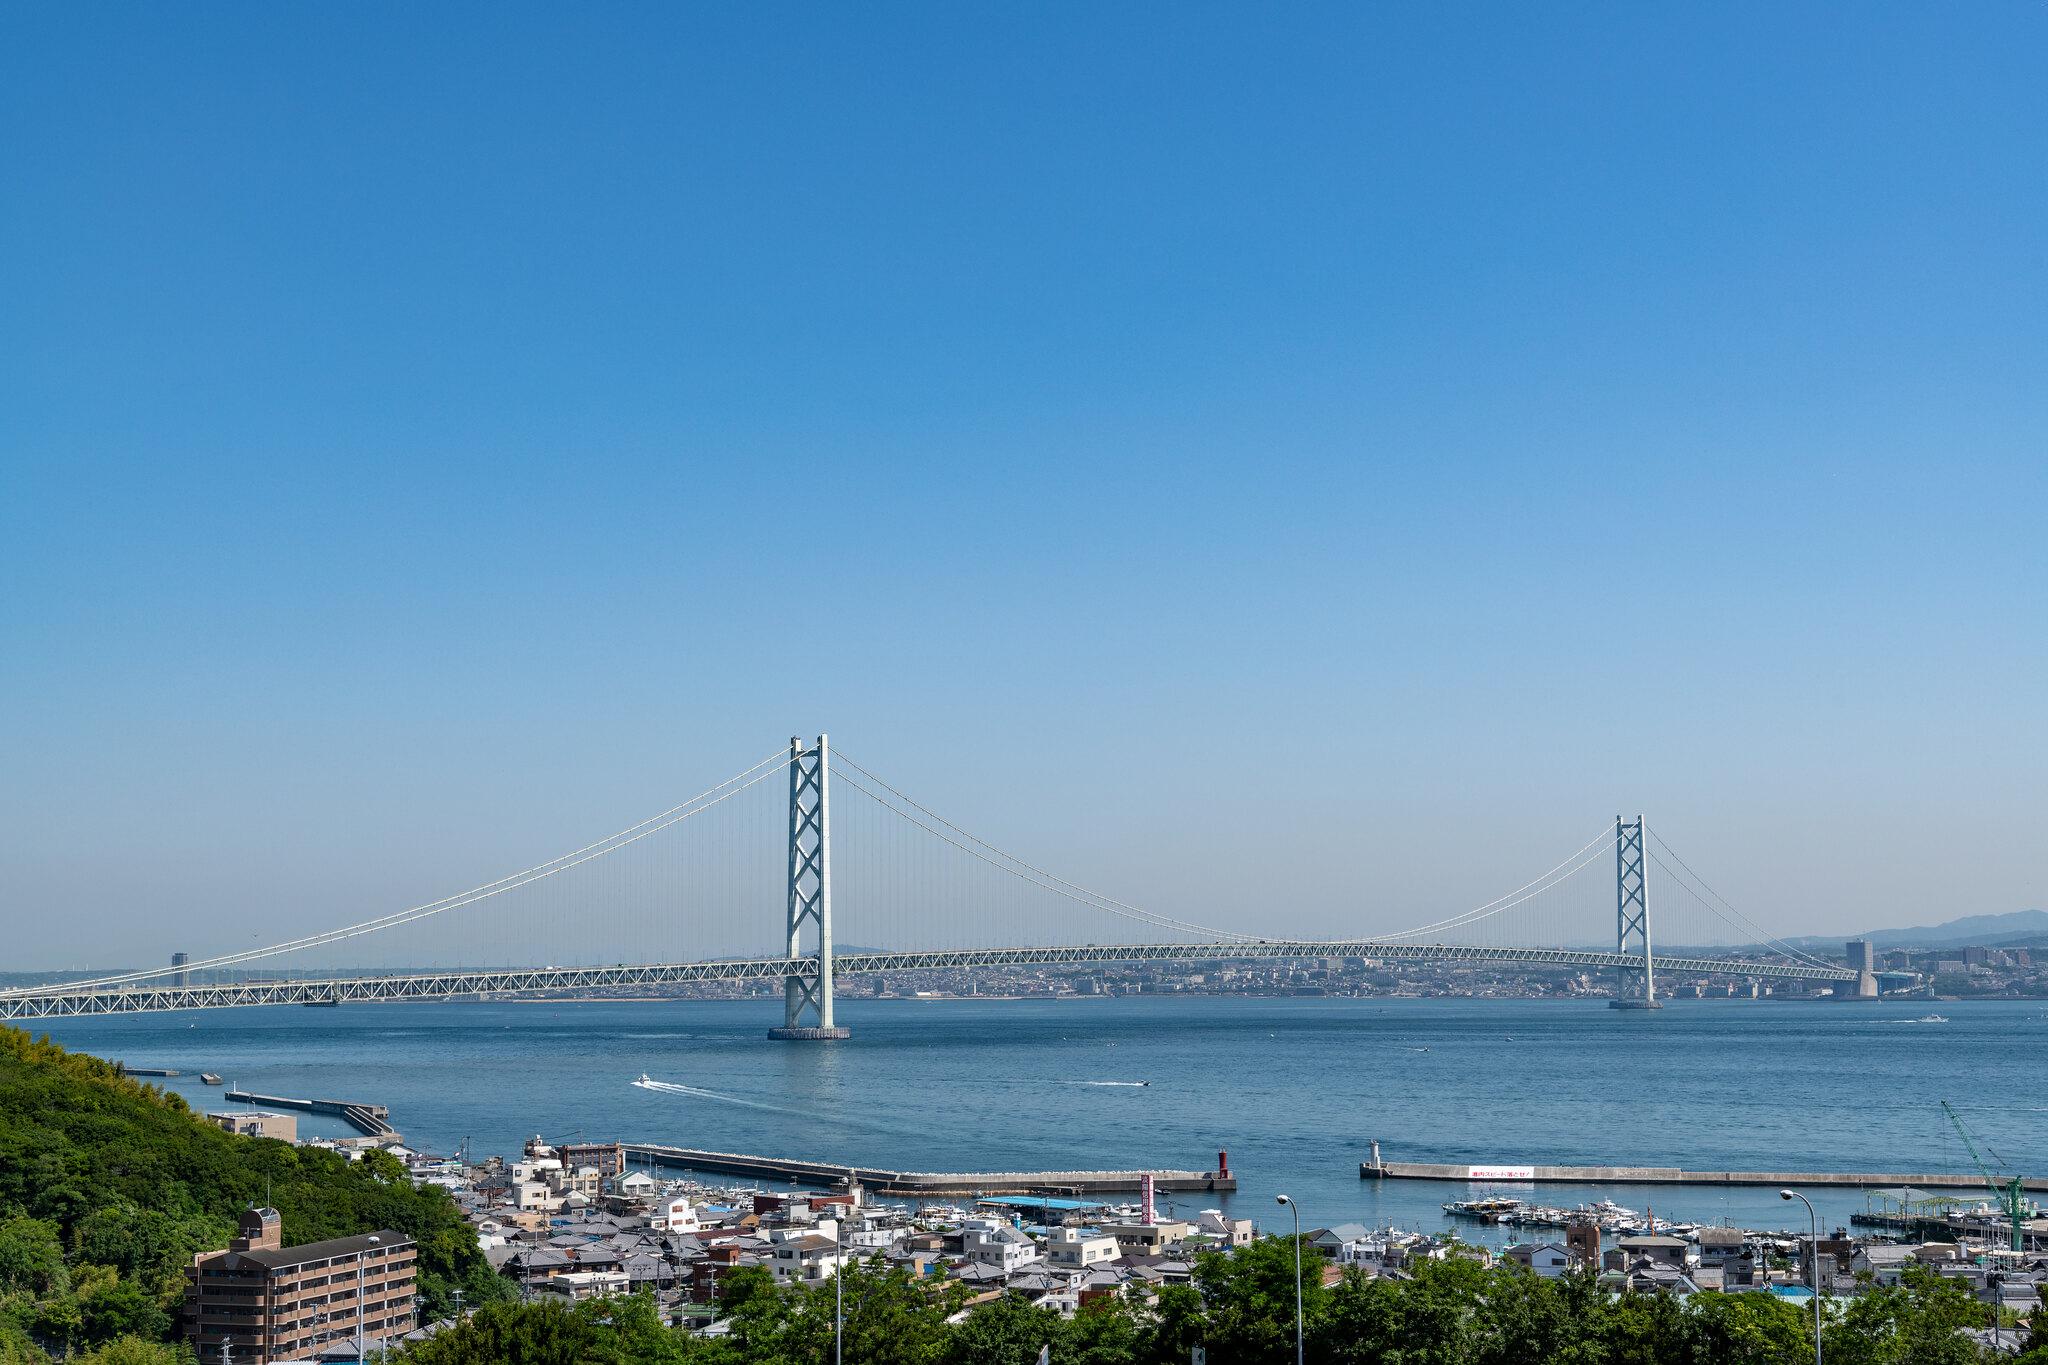 ponte sospeso pi lungo del mondo giappone